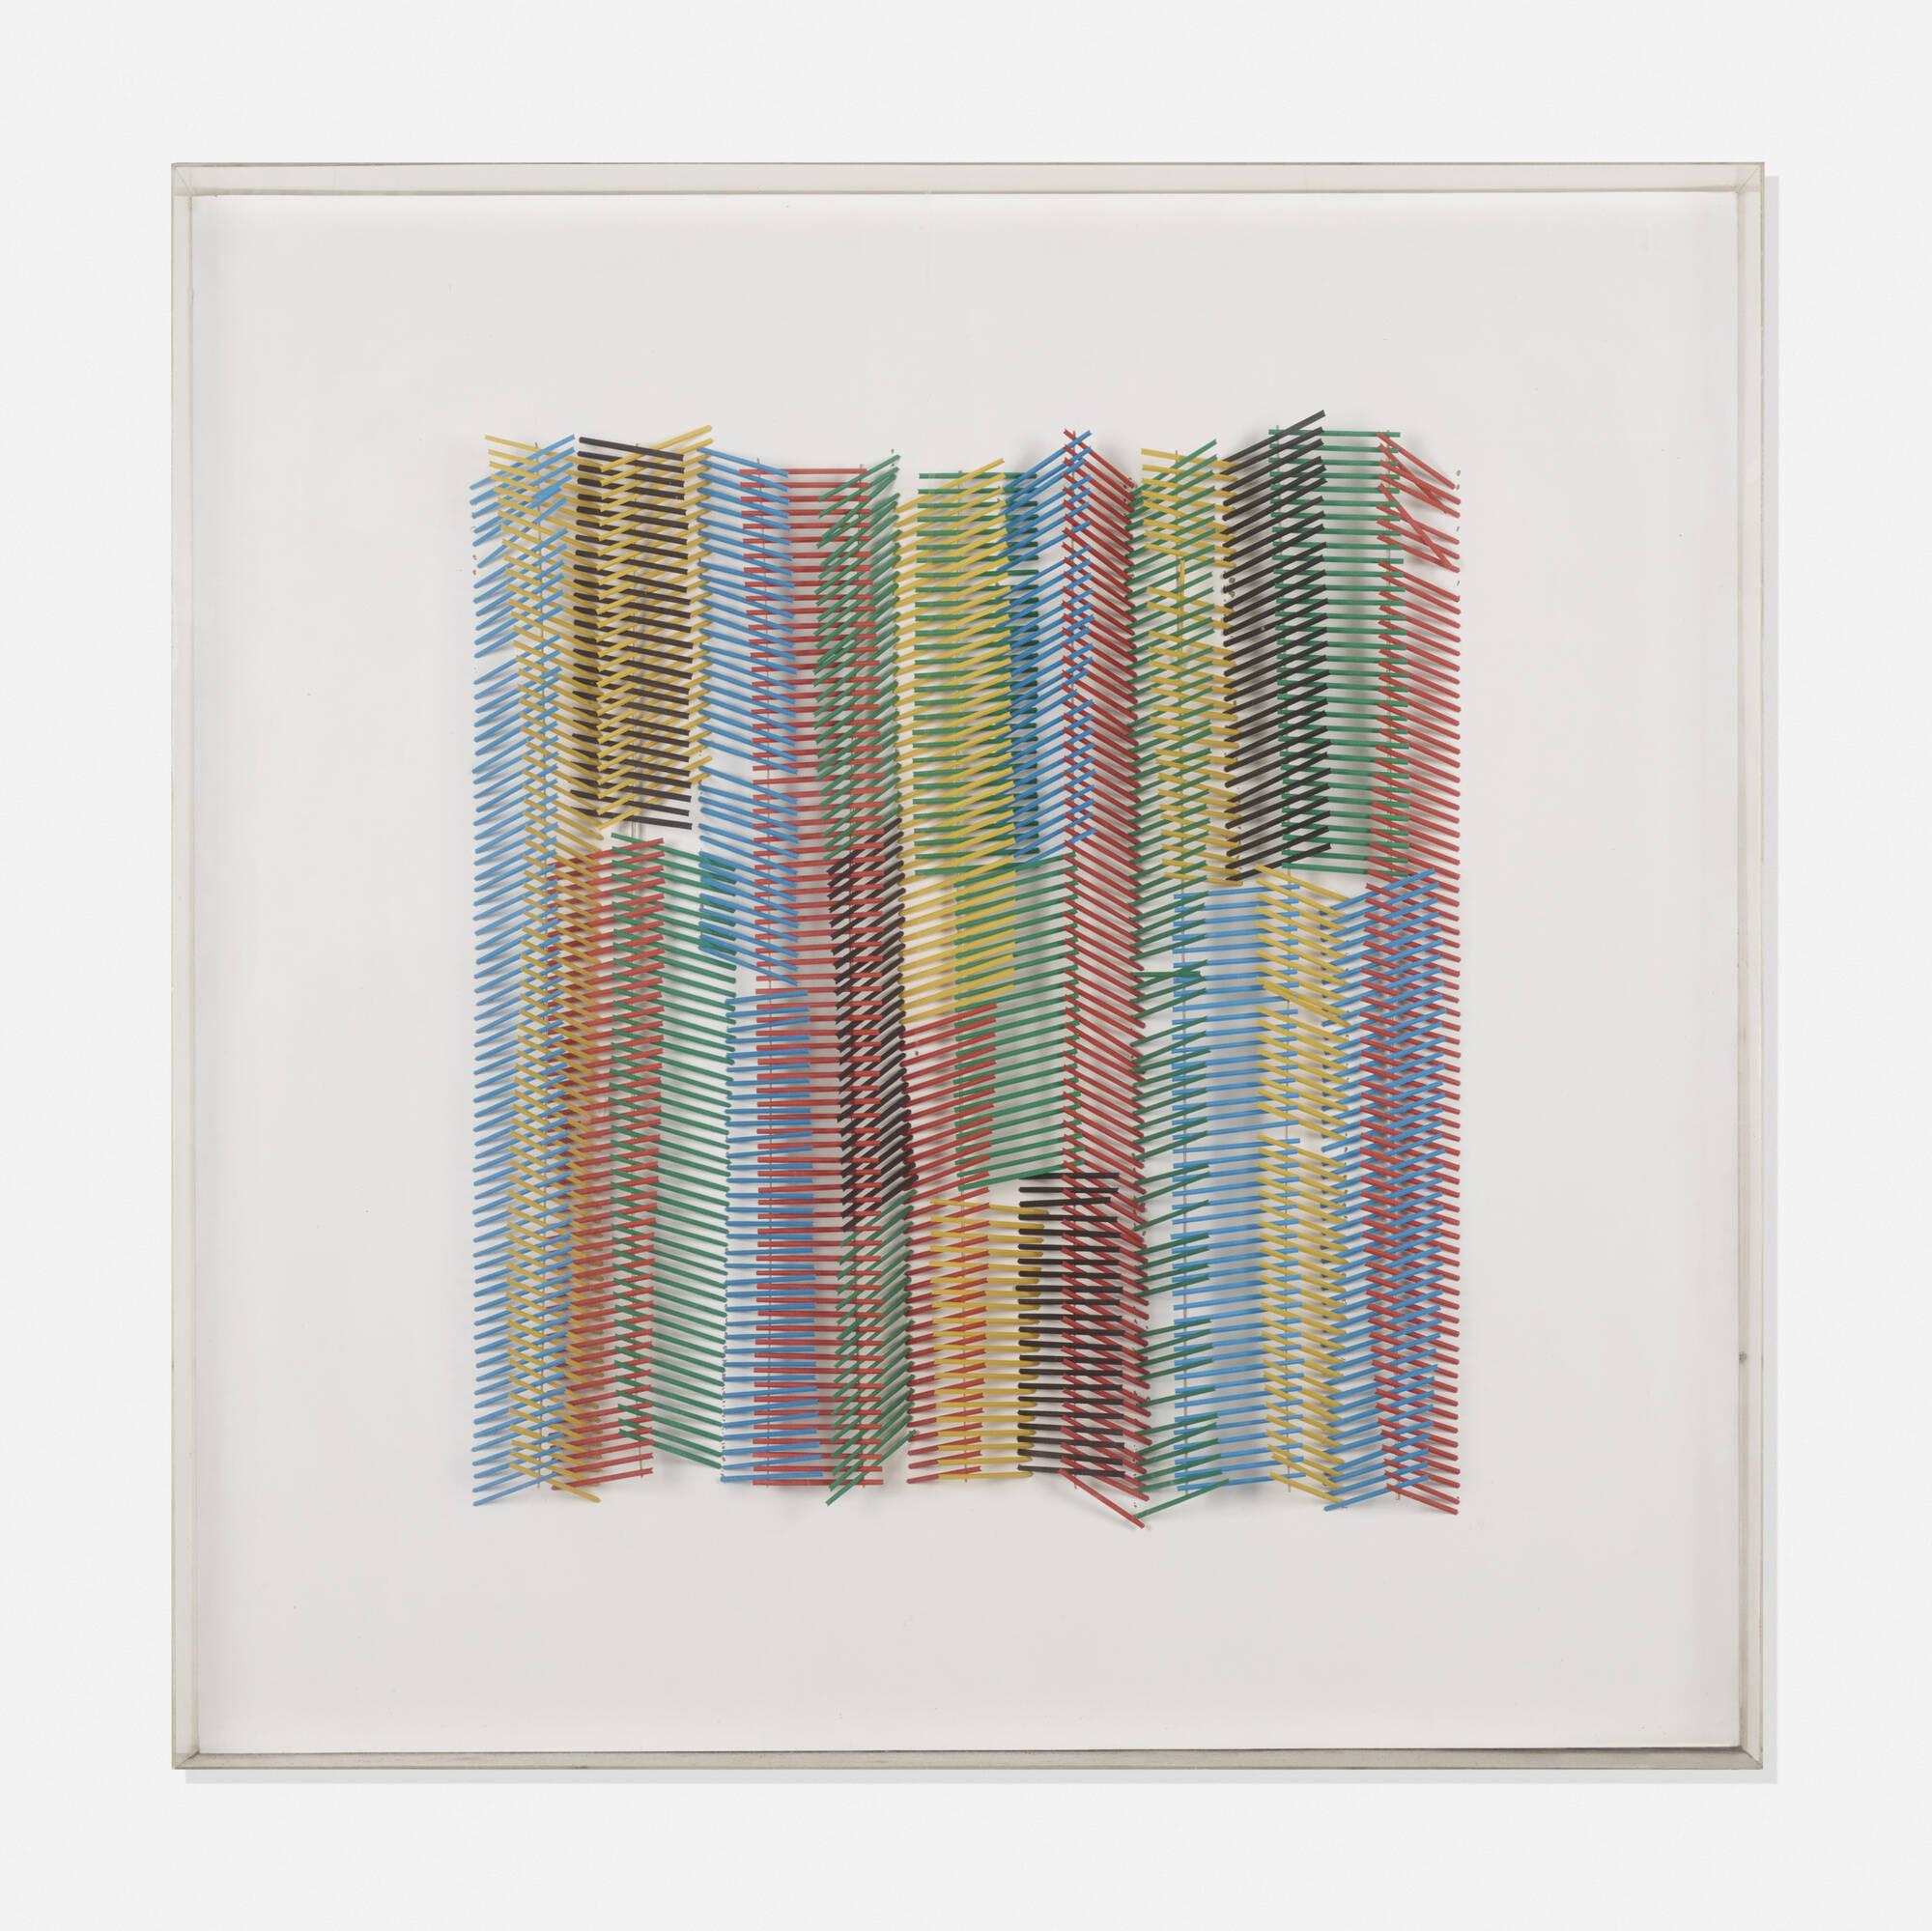 205: Irving Harper / Untitled (1 of 2)